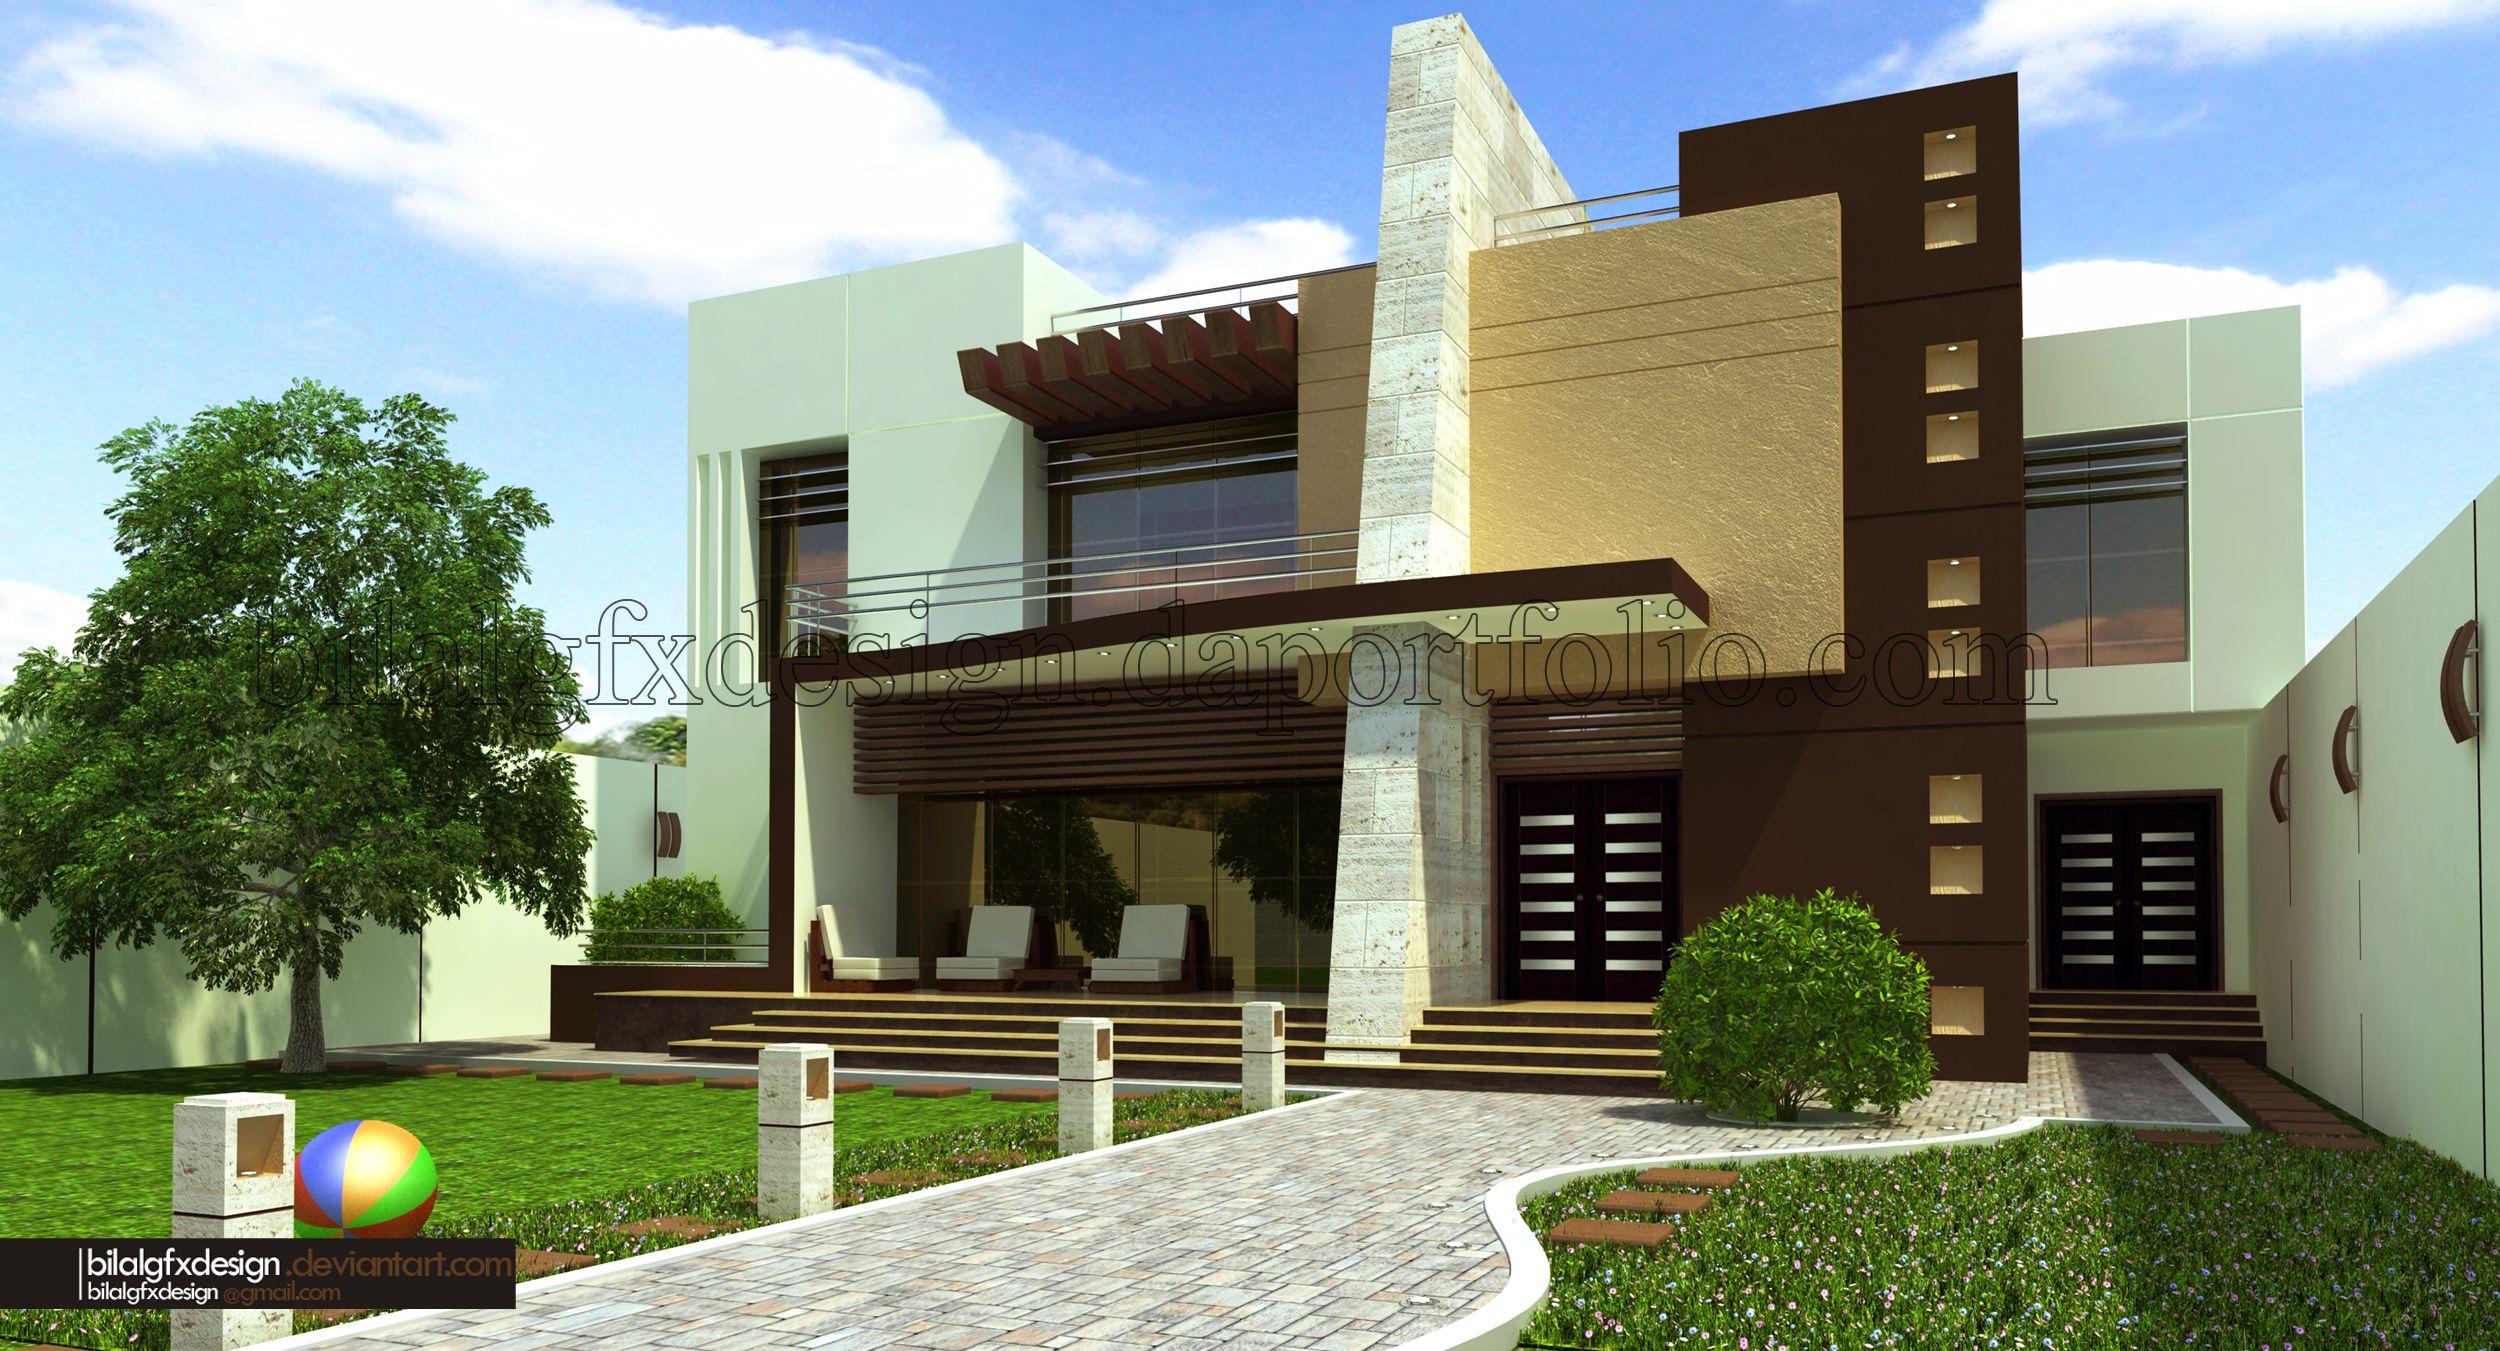 modern villa 1 by bilalgfxdesign on deviantart